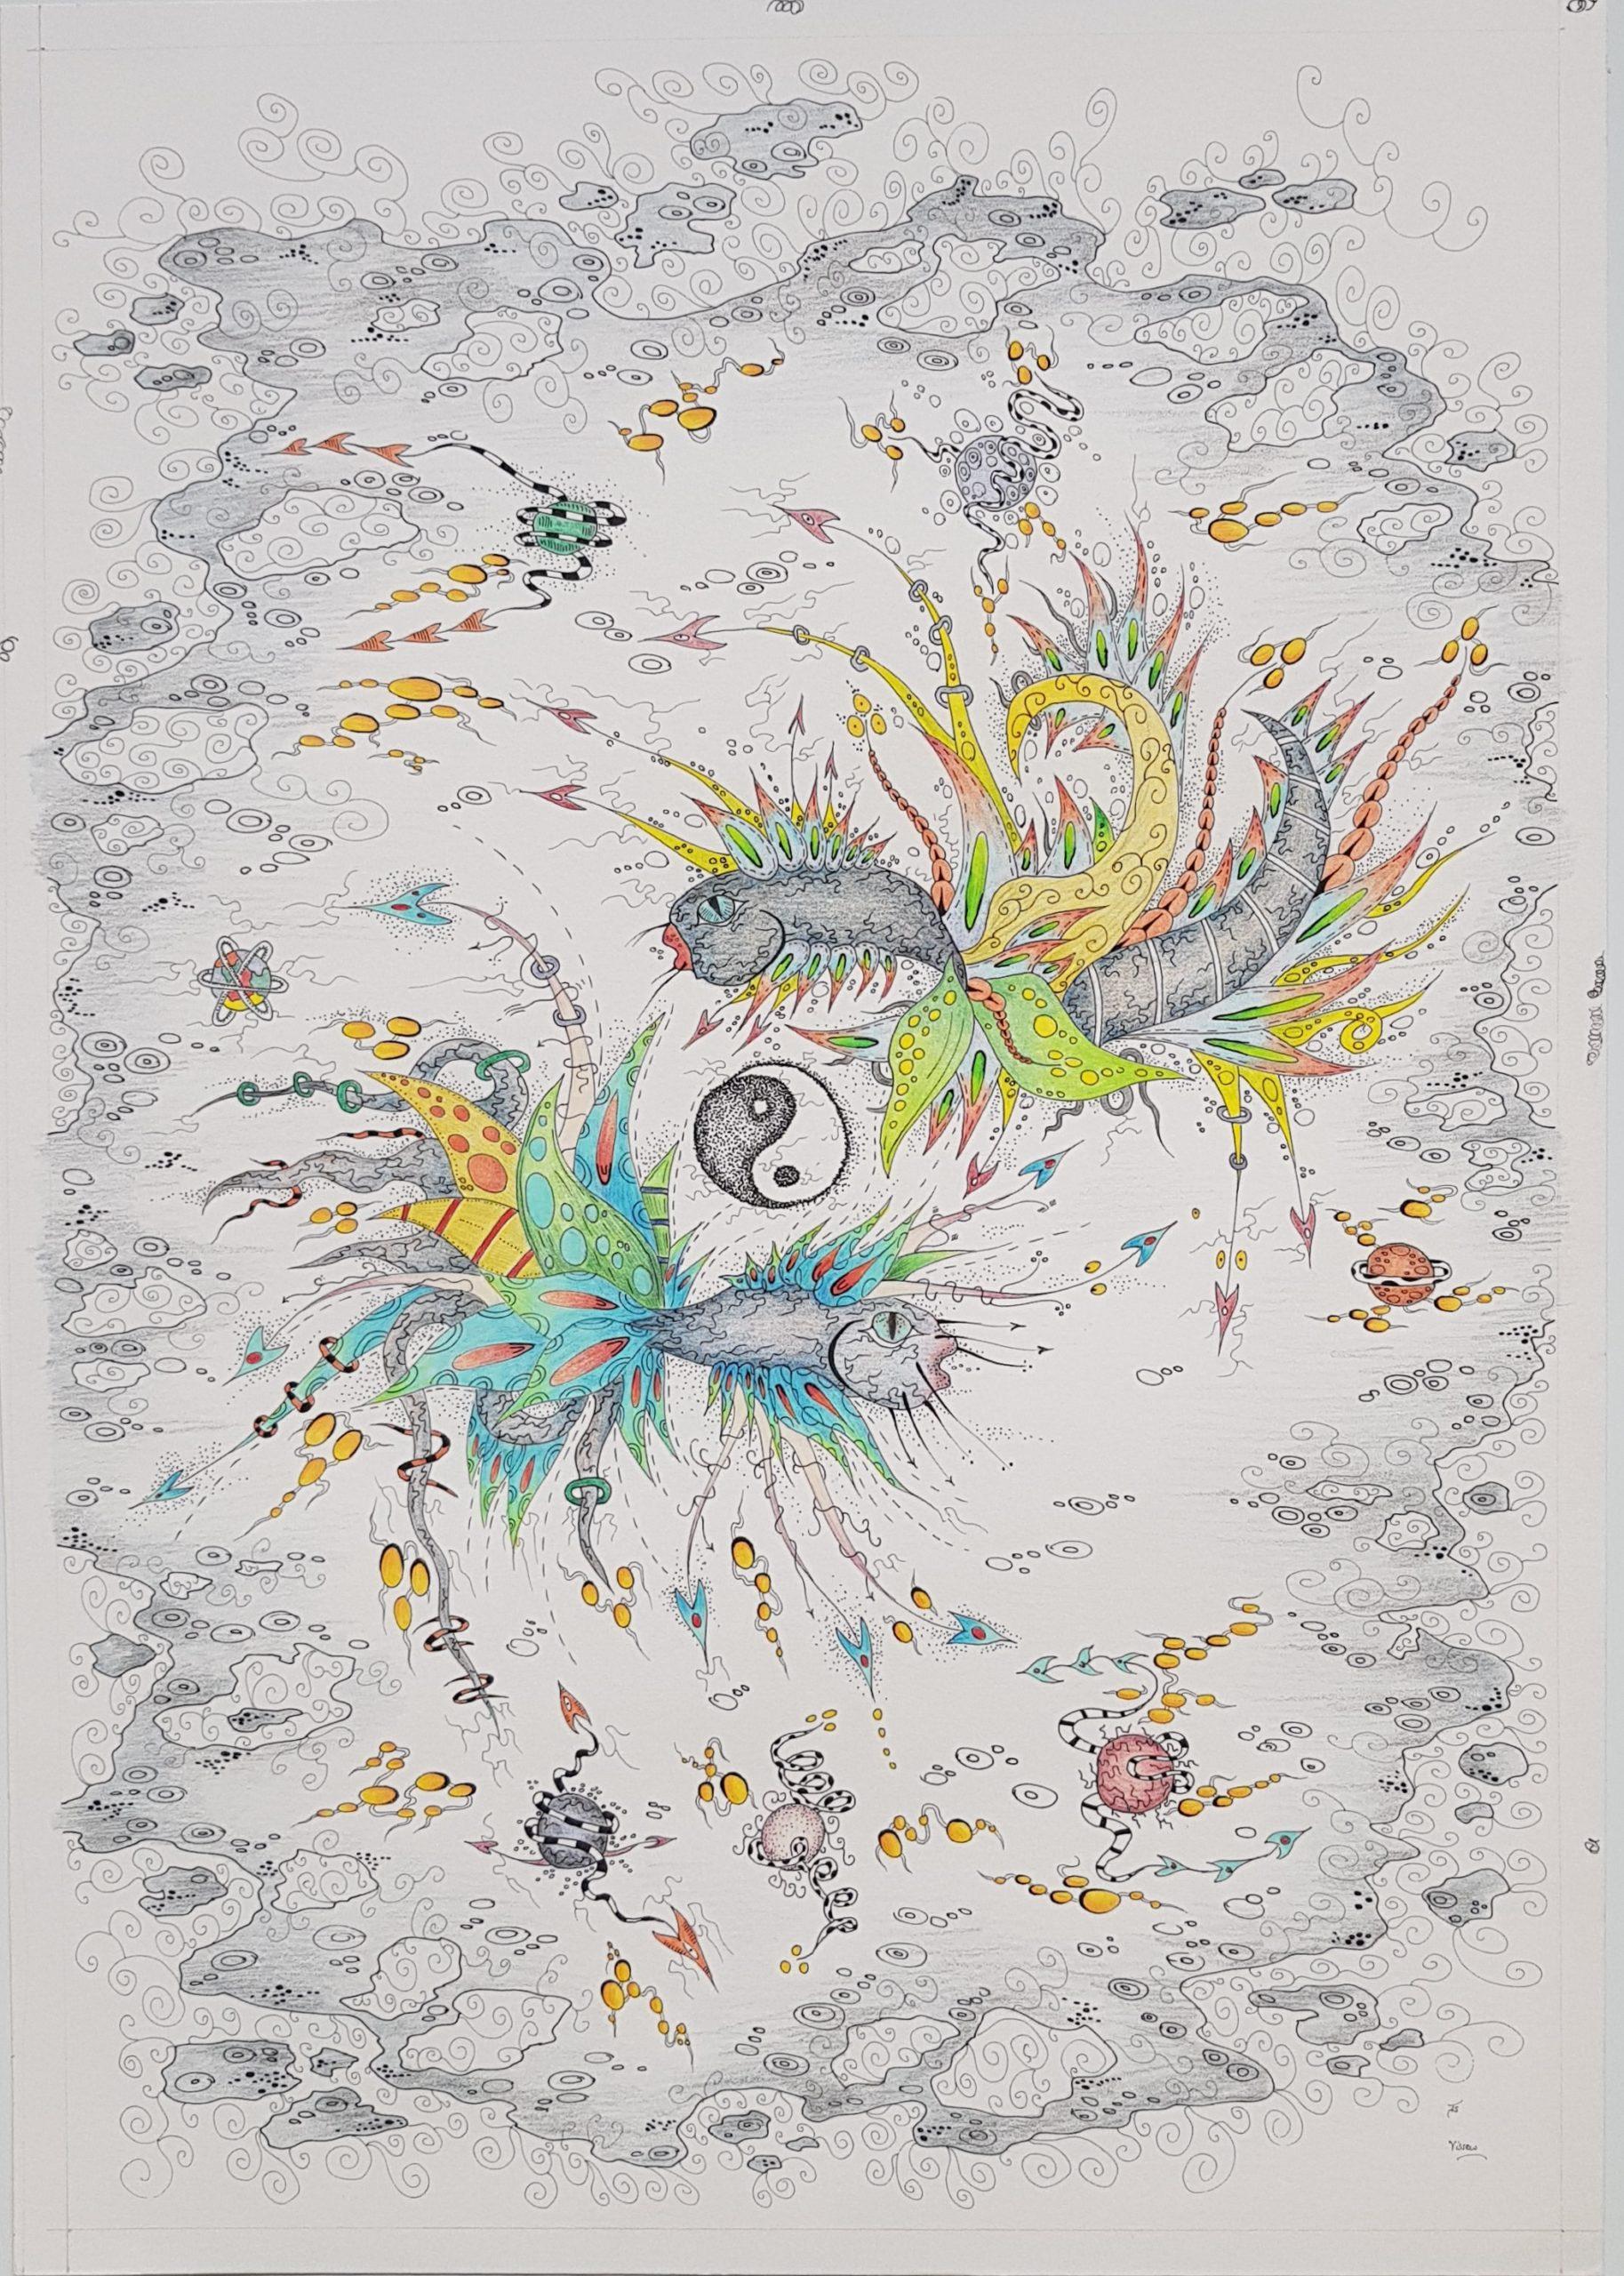 thisa schut lijstenmaker heerenveen friese kunst friesland kunstschilder schilderij gemengde techniek pentekening zegveld sneek skoander bisit kunstenaar schilder tekening yin yang art friesland woerden utrecht skoander.com